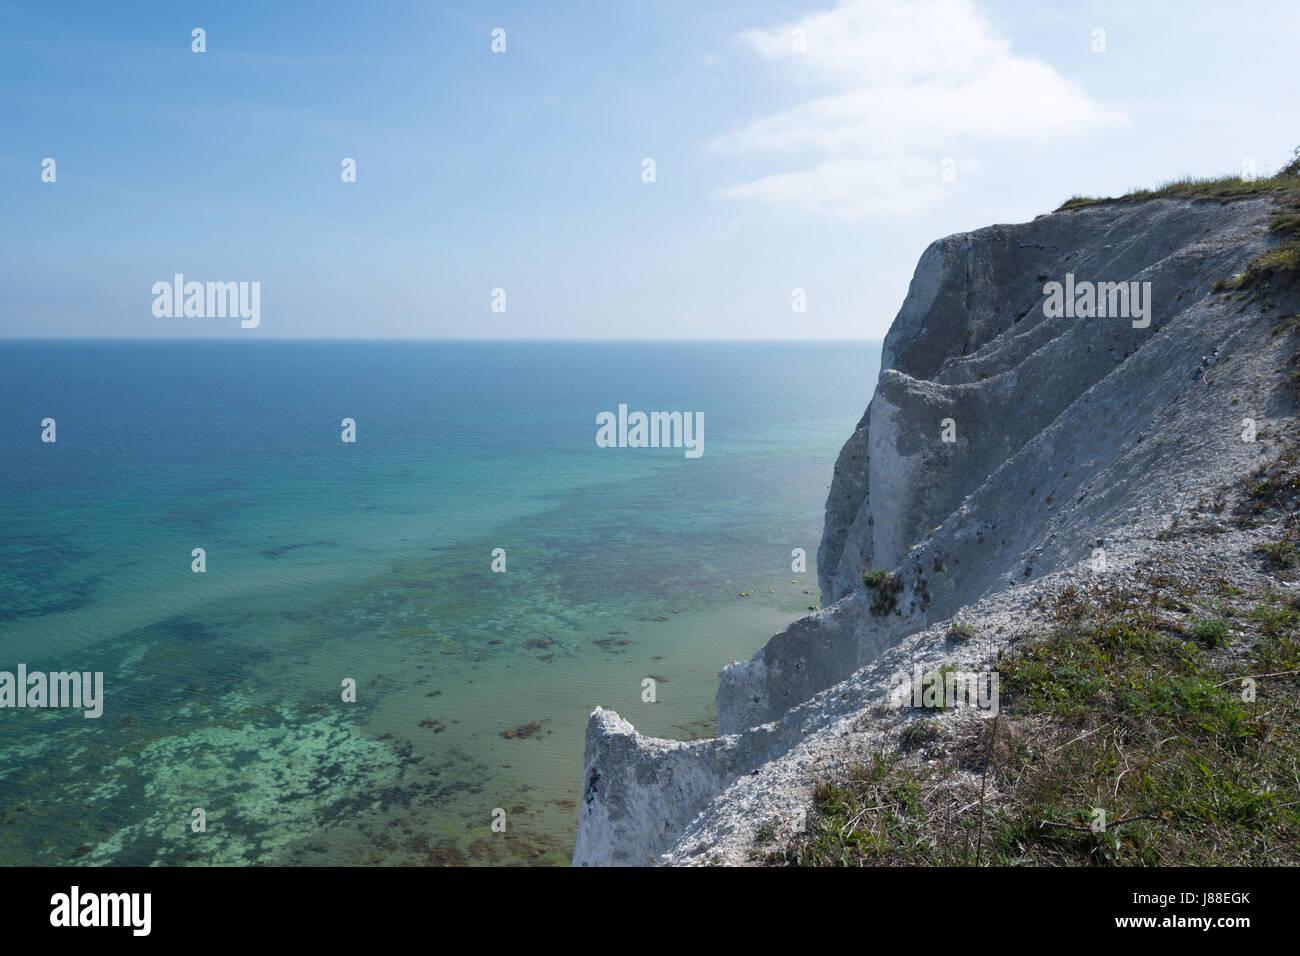 Møns Klint chalk cliffs, Møn Island, Denmark, Europe Stock Photo